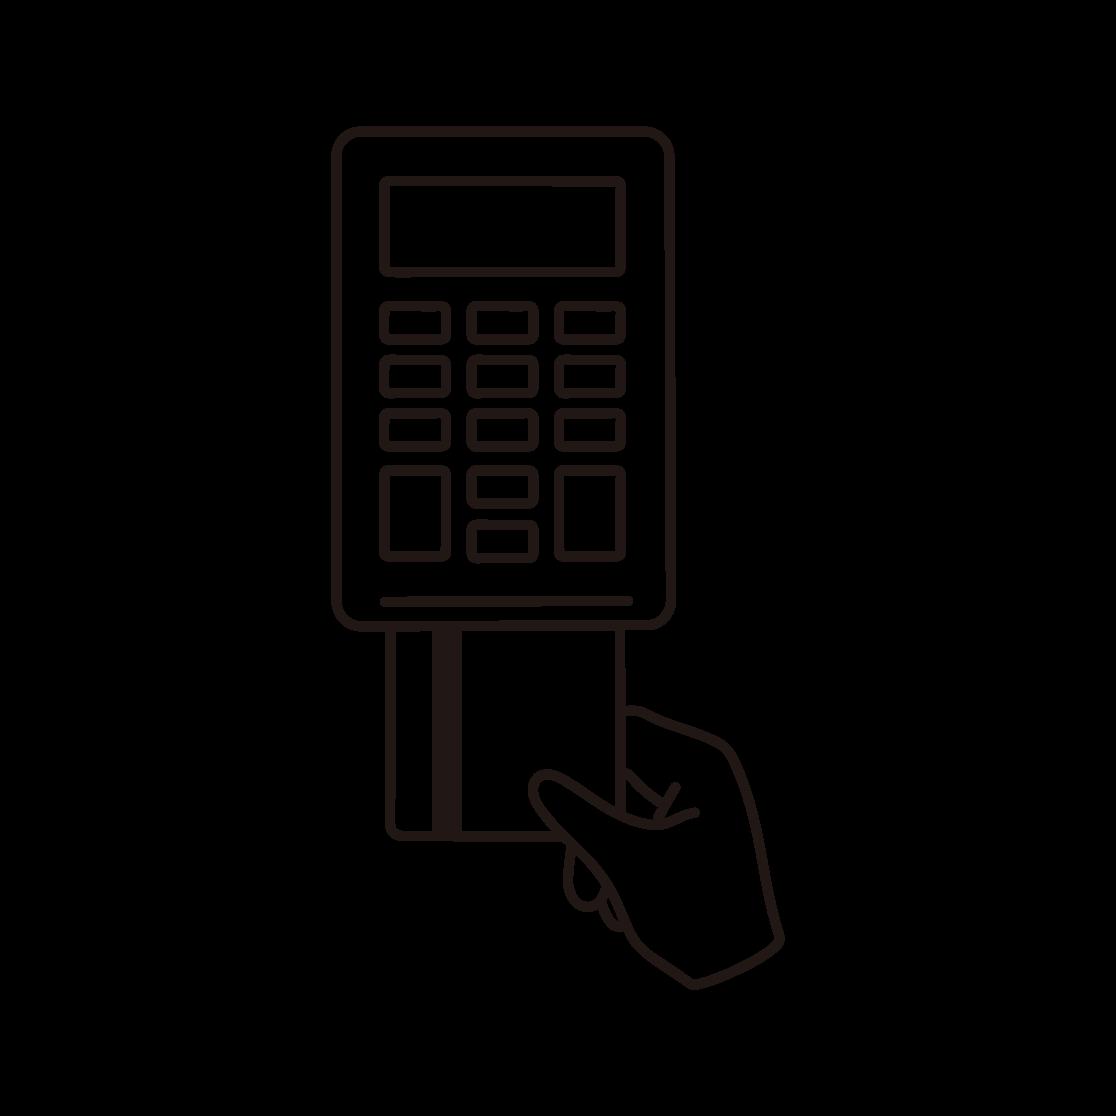 クレジットカード決済のイラスト(線画)